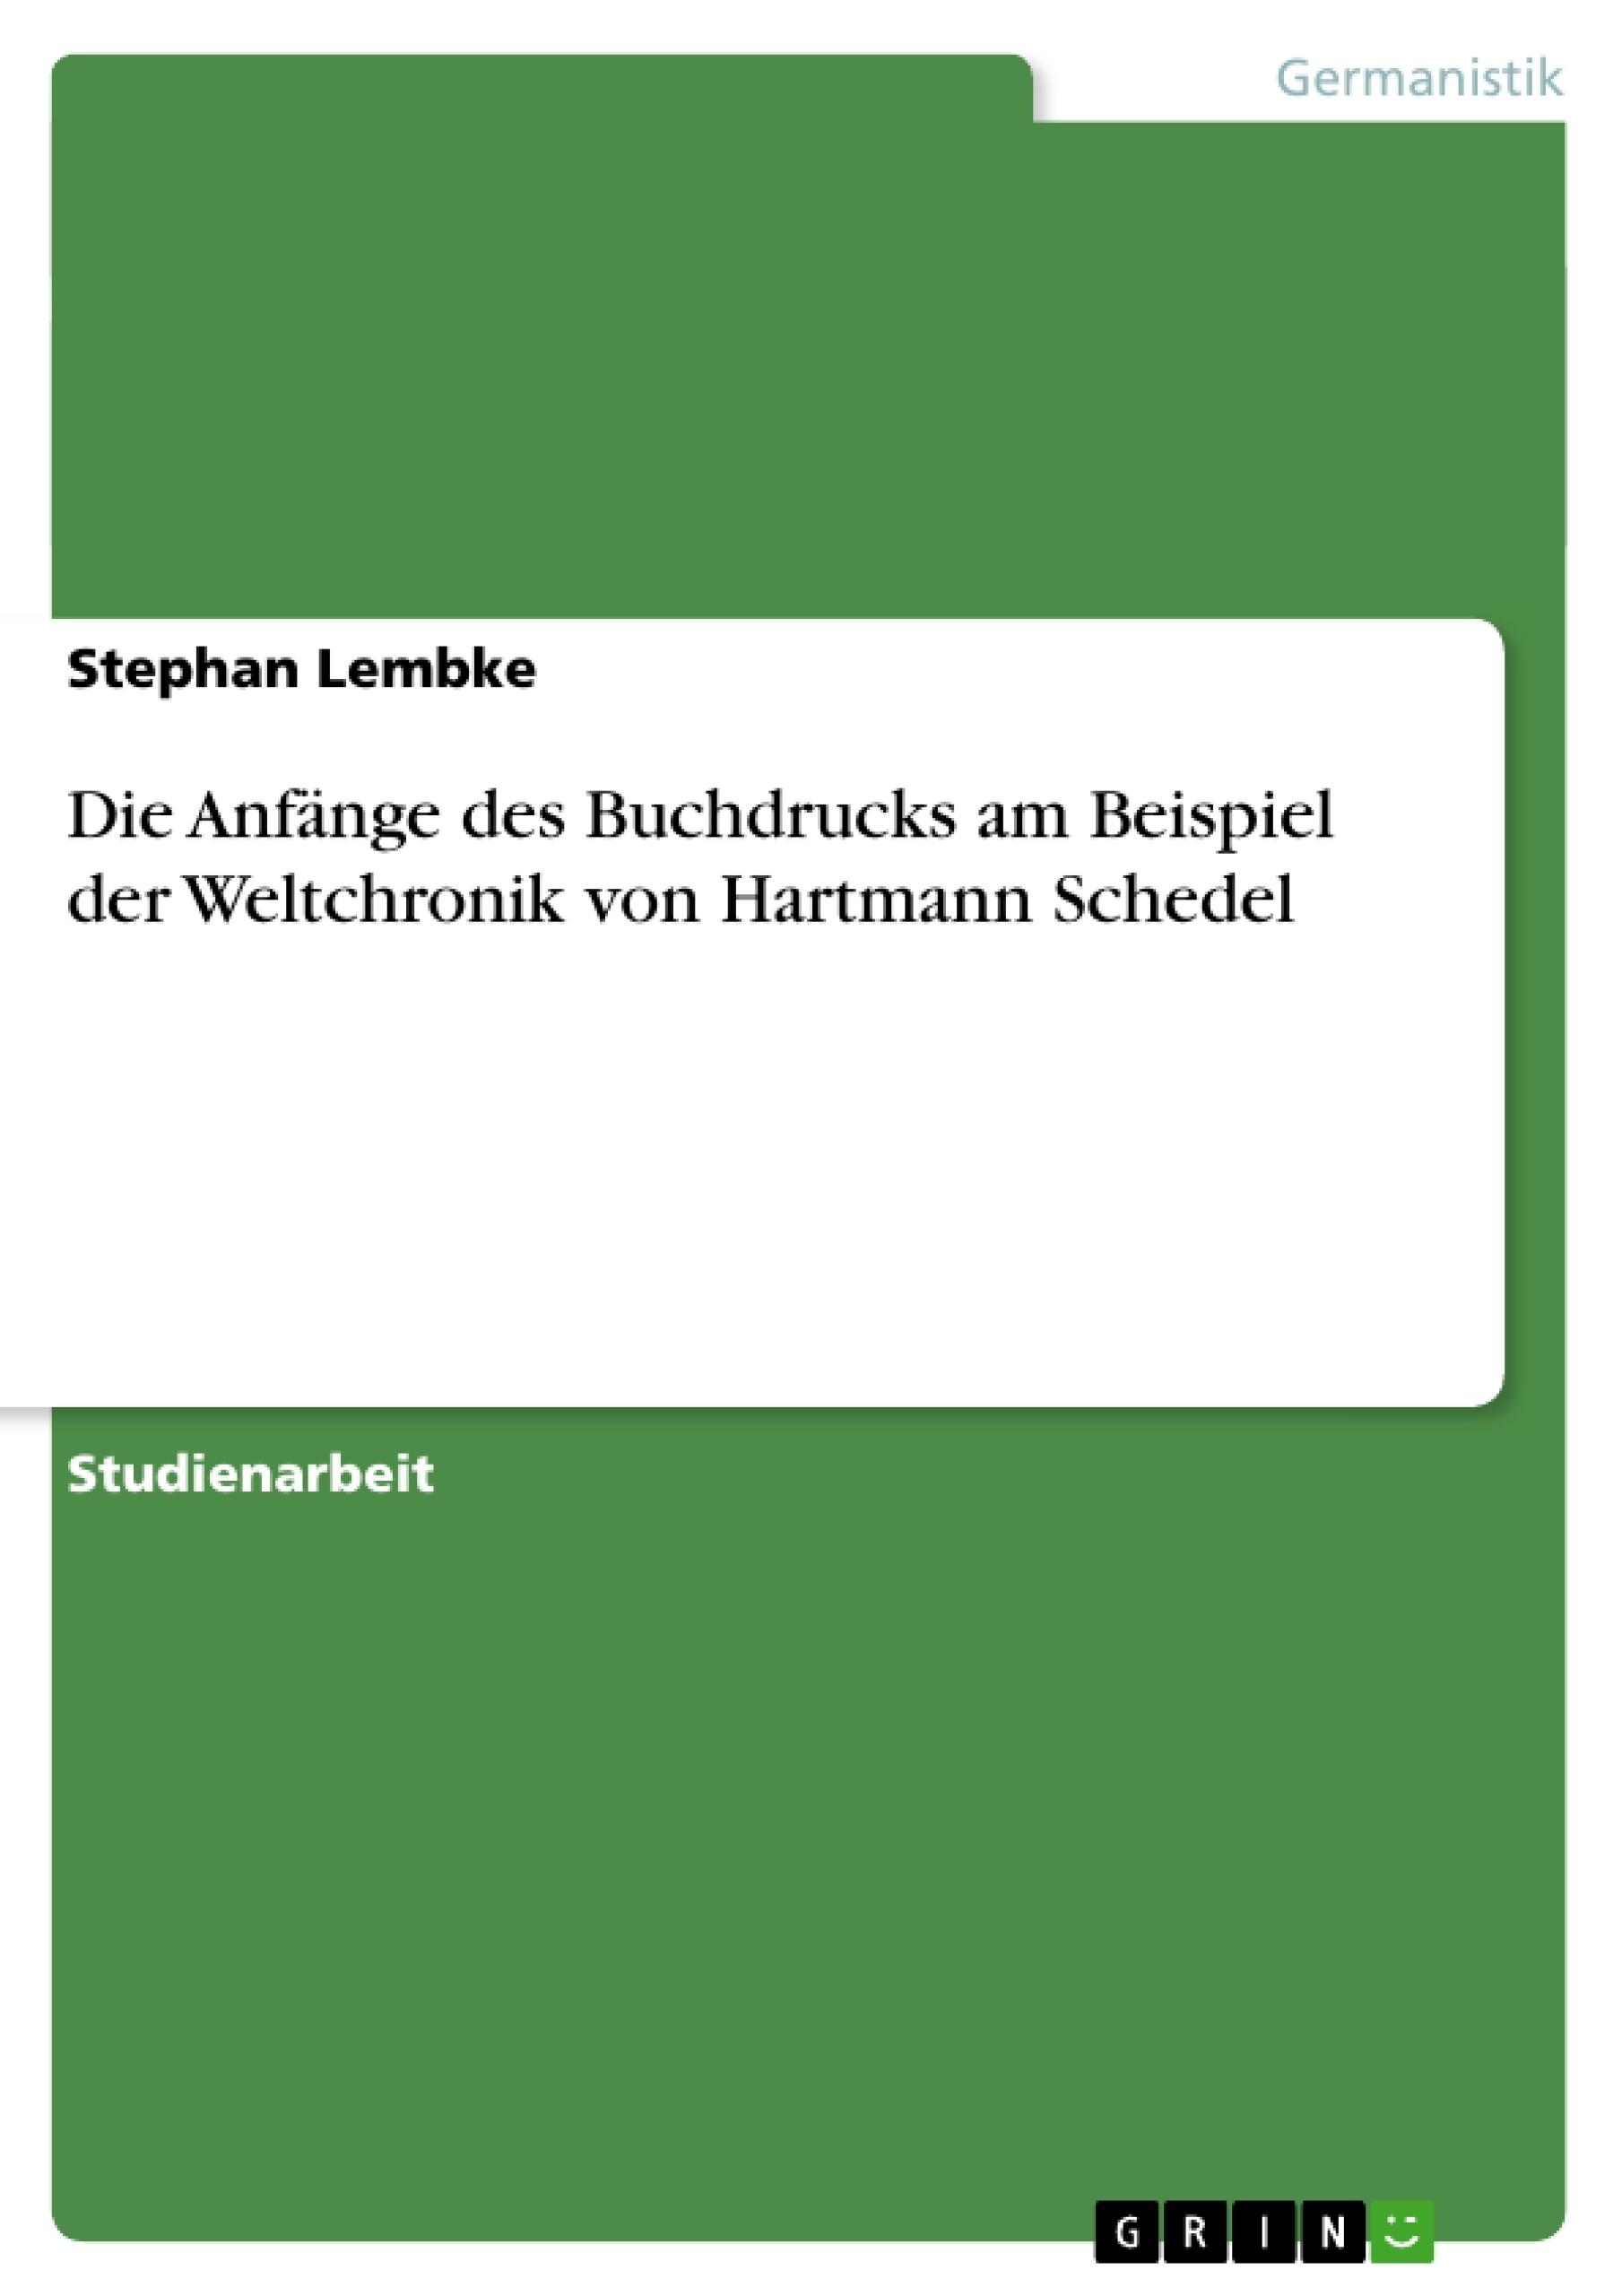 Titel: Die Anfänge des Buchdrucks am Beispiel  der Weltchronik von Hartmann Schedel